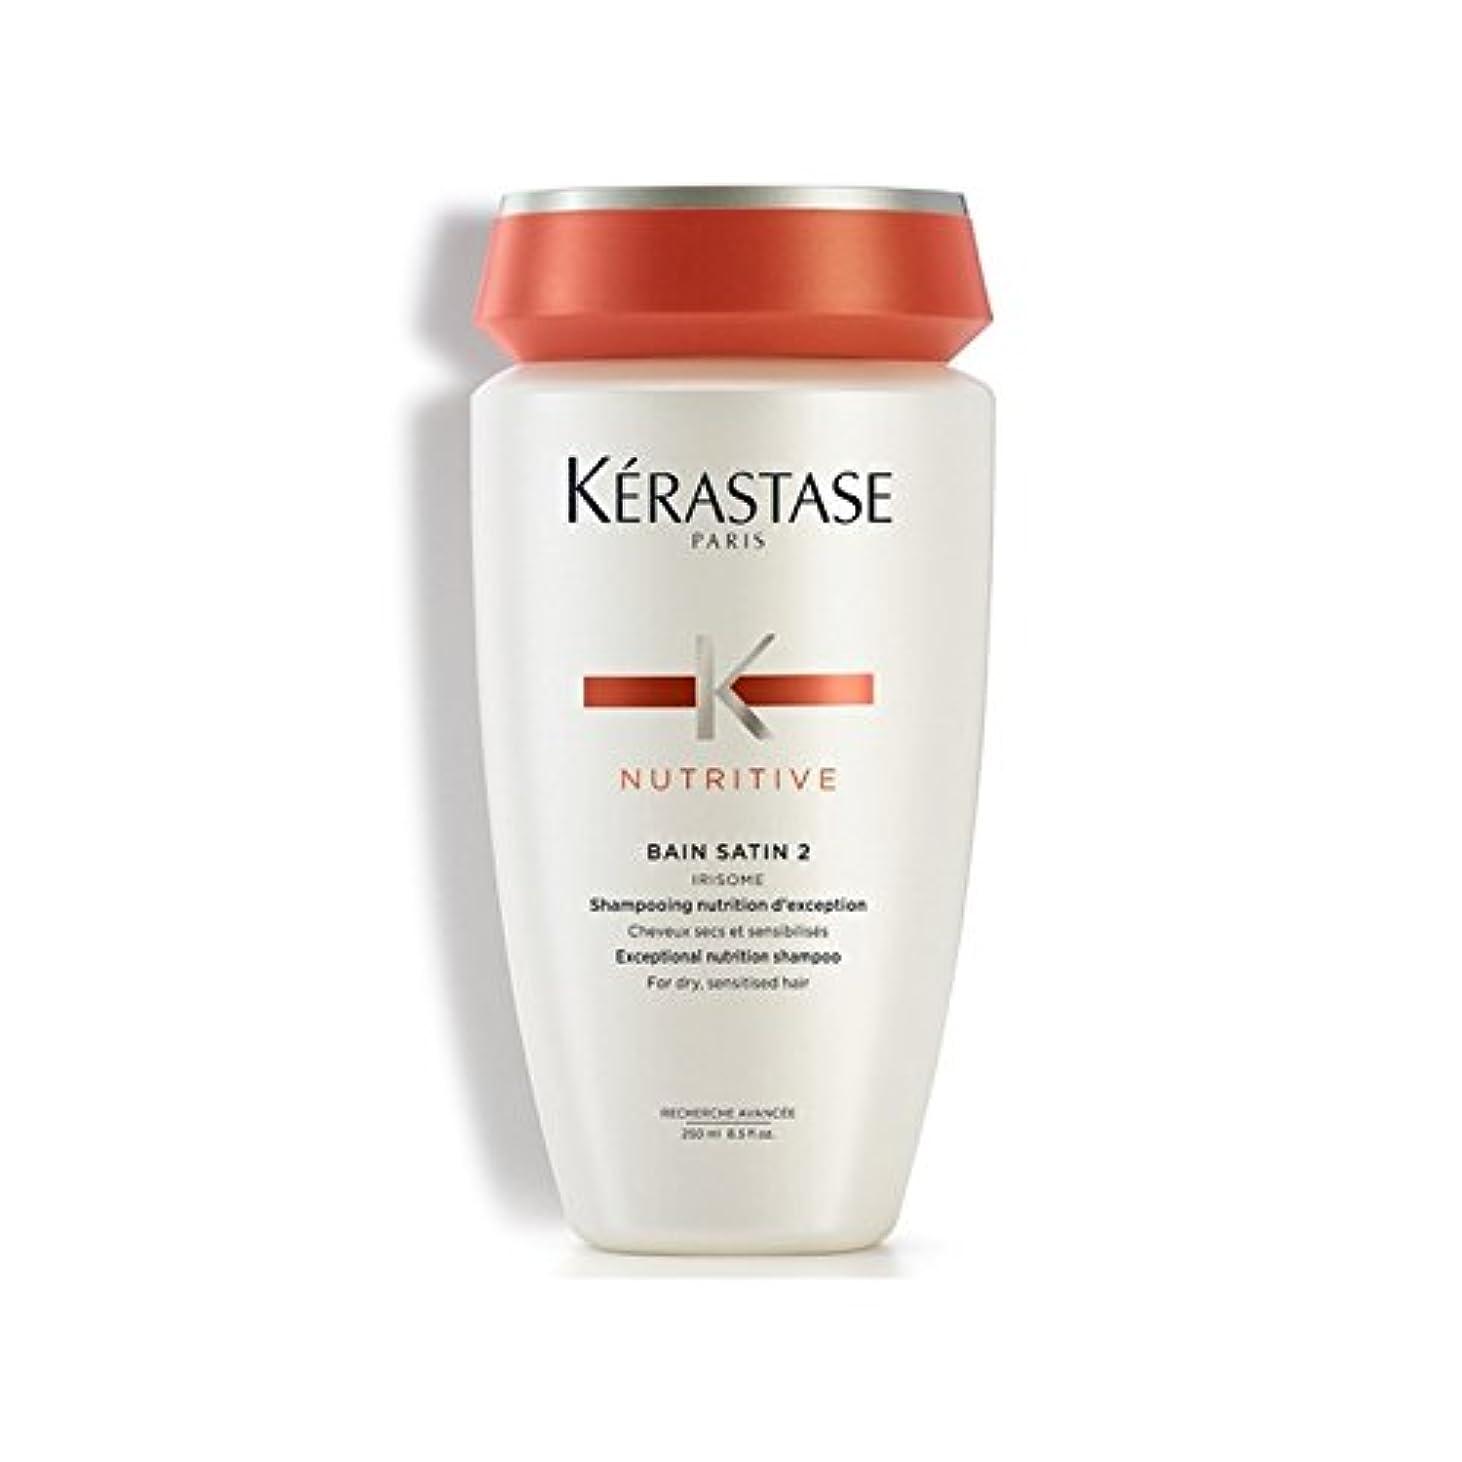 想起部分的ステーキケラスターゼ栄養ベインサテン2 250ミリリットル x2 - K?rastase Nutritive Bain Satin 2 250ml (Pack of 2) [並行輸入品]